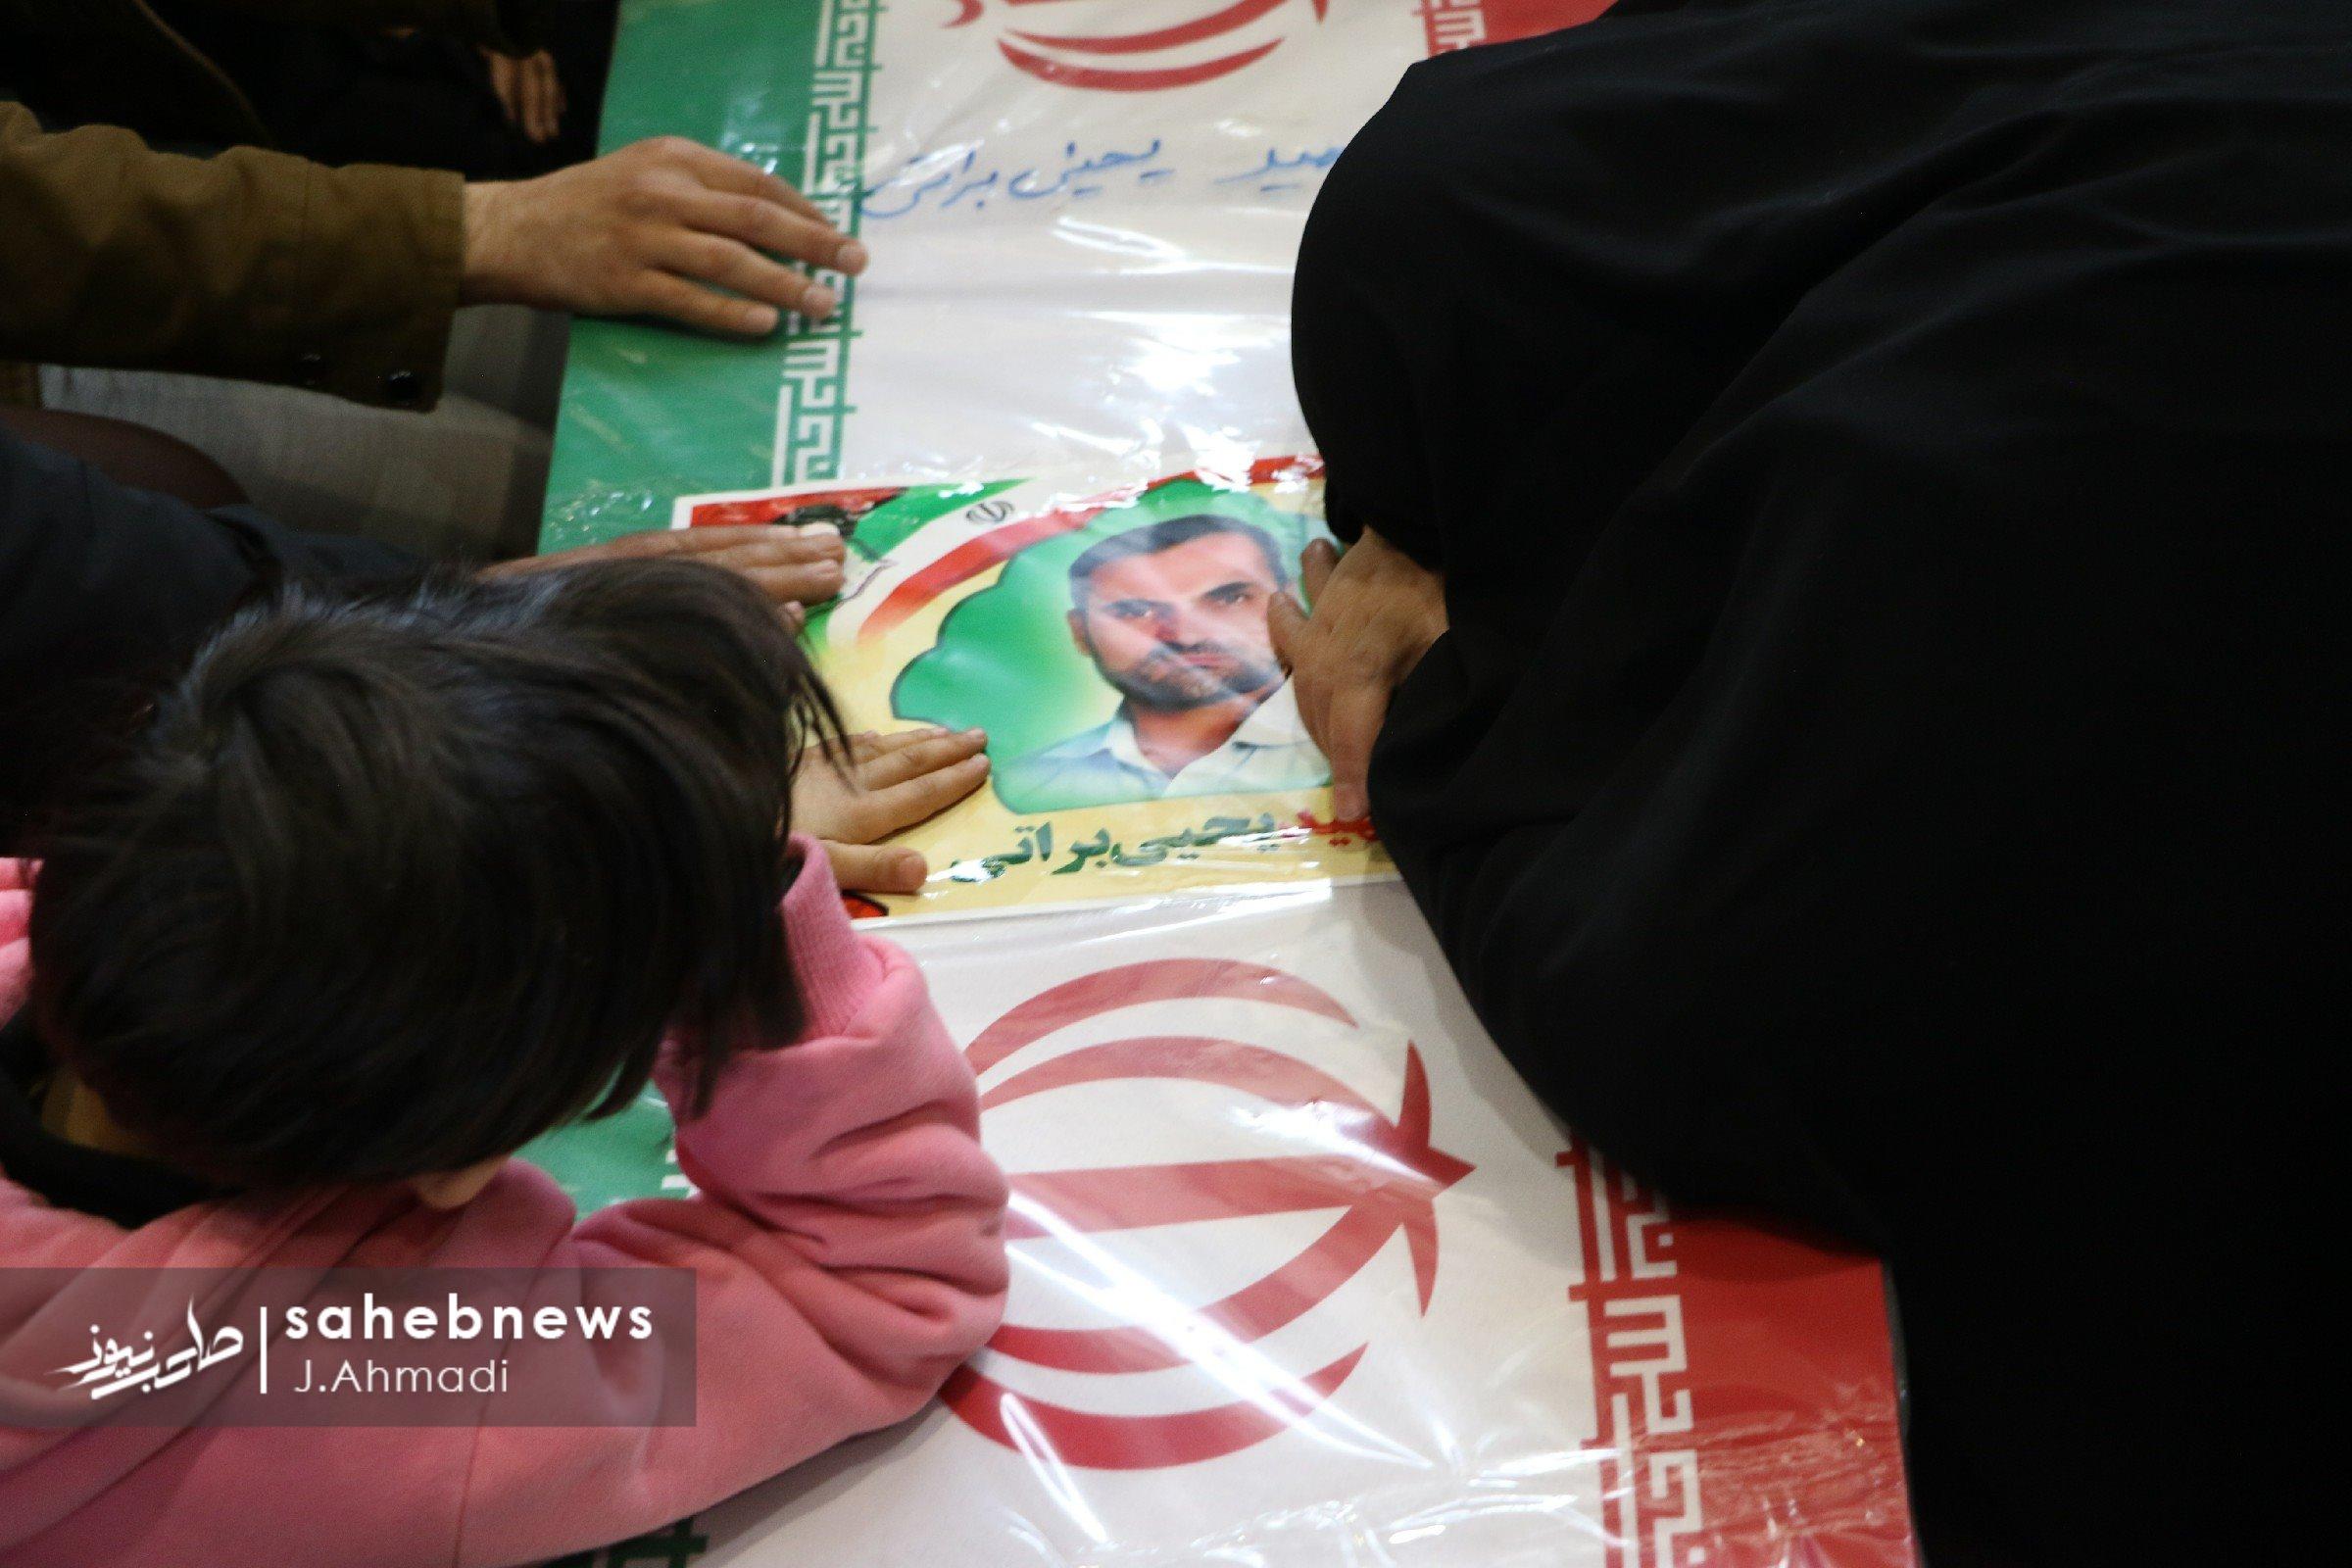 27 شهید حادثه تروریستی اصفهان (14)